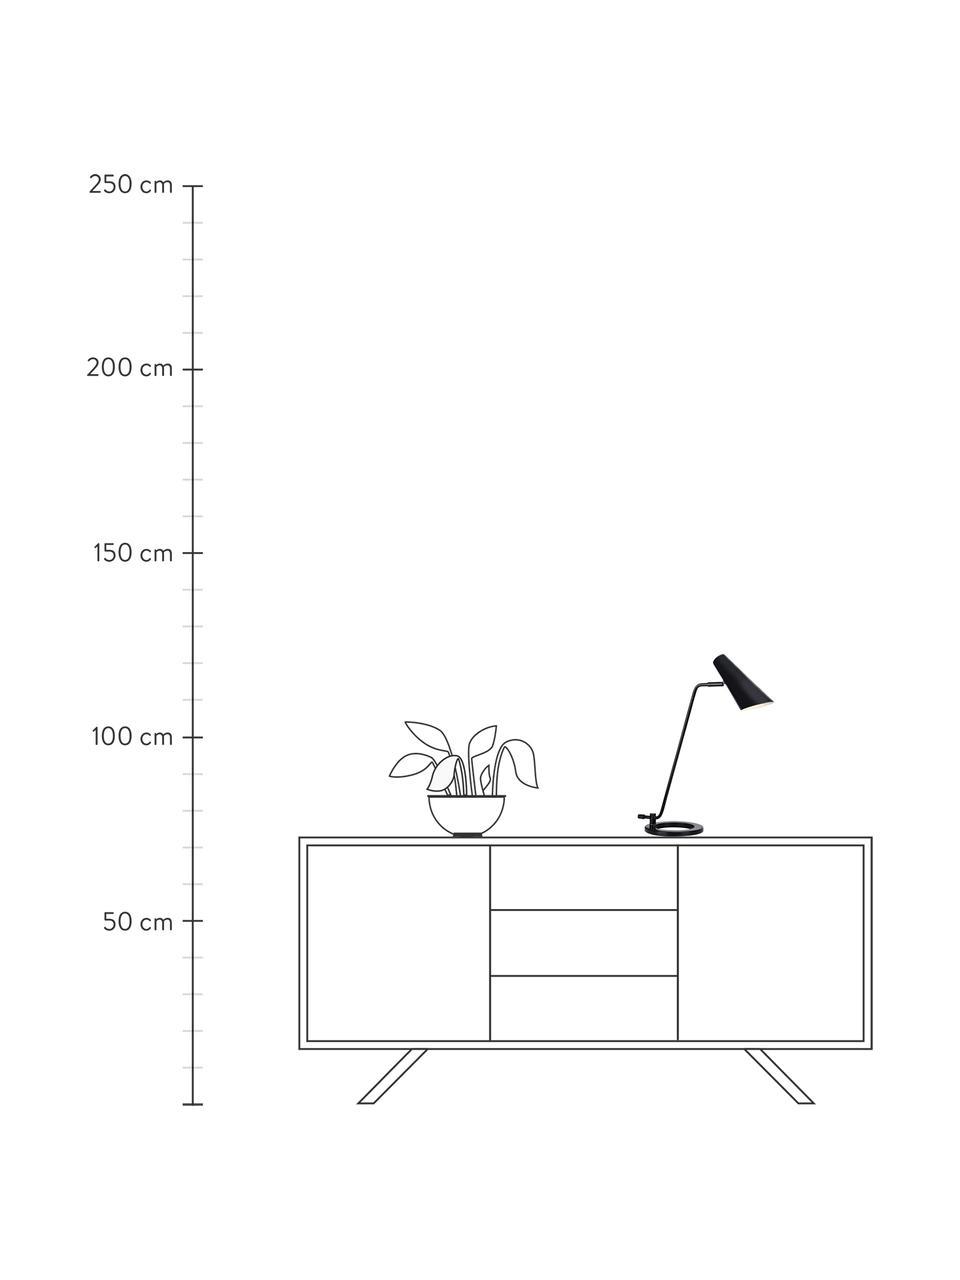 Große Schreibtischlampe Cal aus Metall, Lampenschirm: Metall, lackiert, Lampenfuß: Metall, lackiert, Schwarz Lampenschirm innen: Weiß, 40 x 50 cm